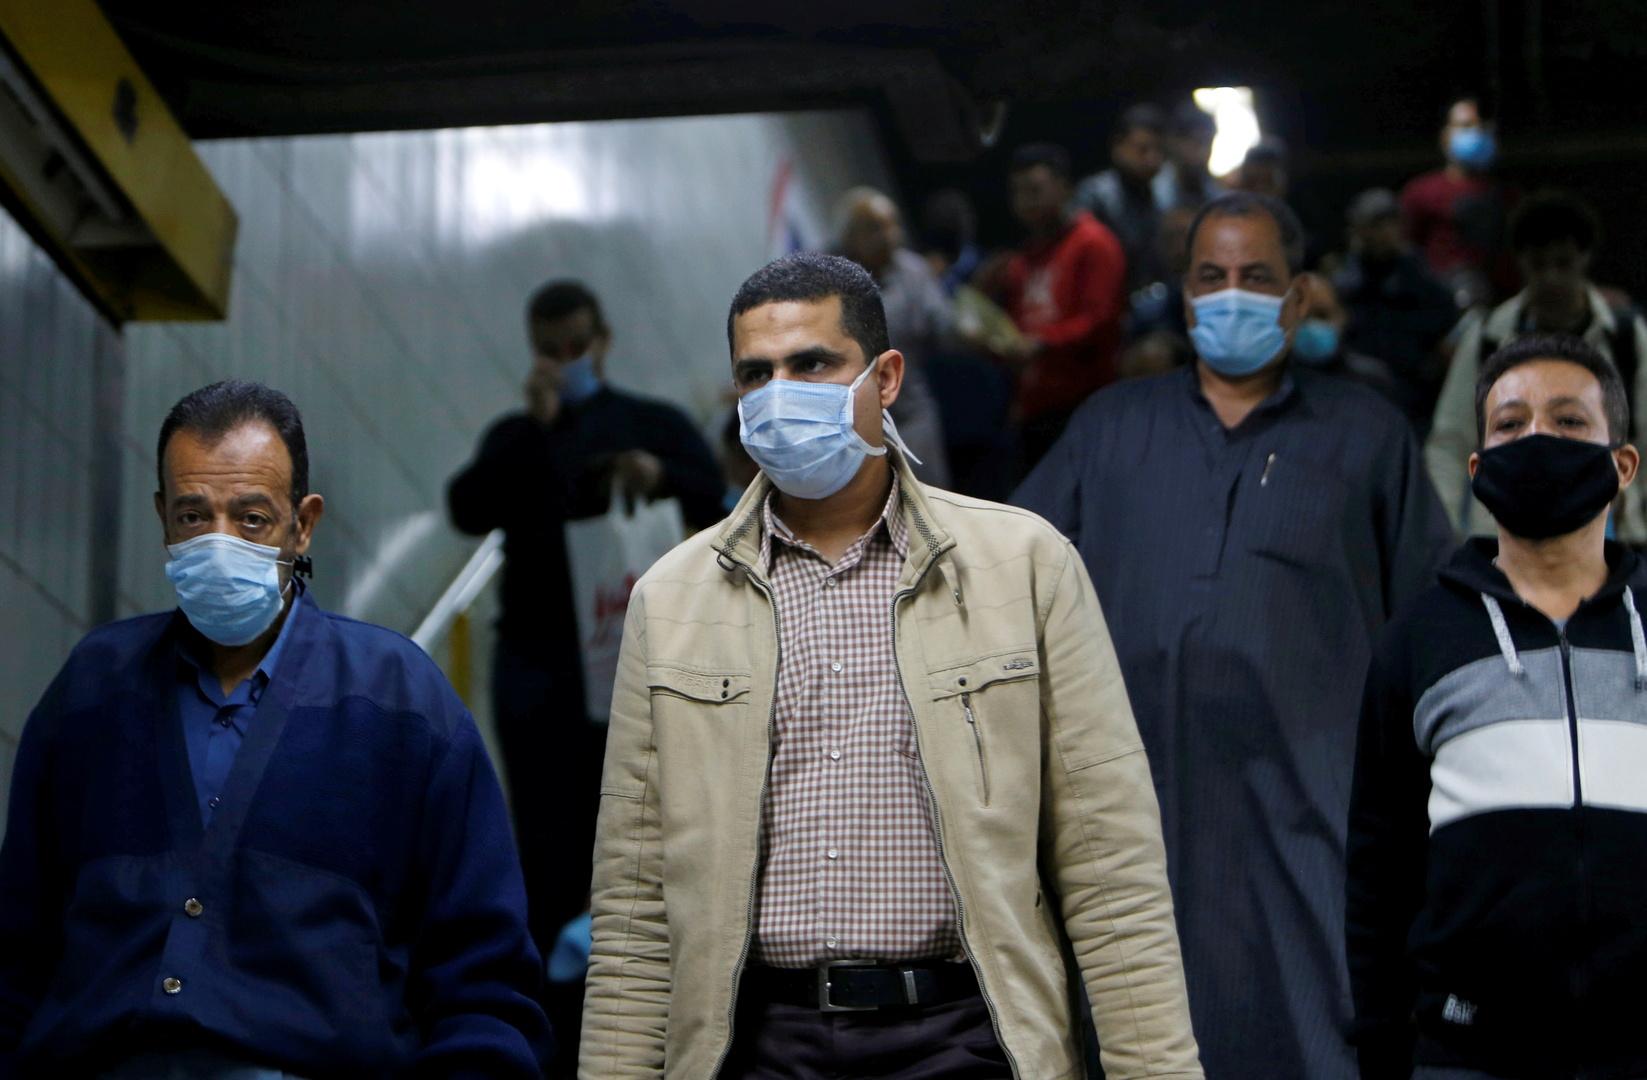 الصحة المصرية محذرة: متوسط نسبة إشغال المستشفيات بمصابي كورونا وصل إلى 47%